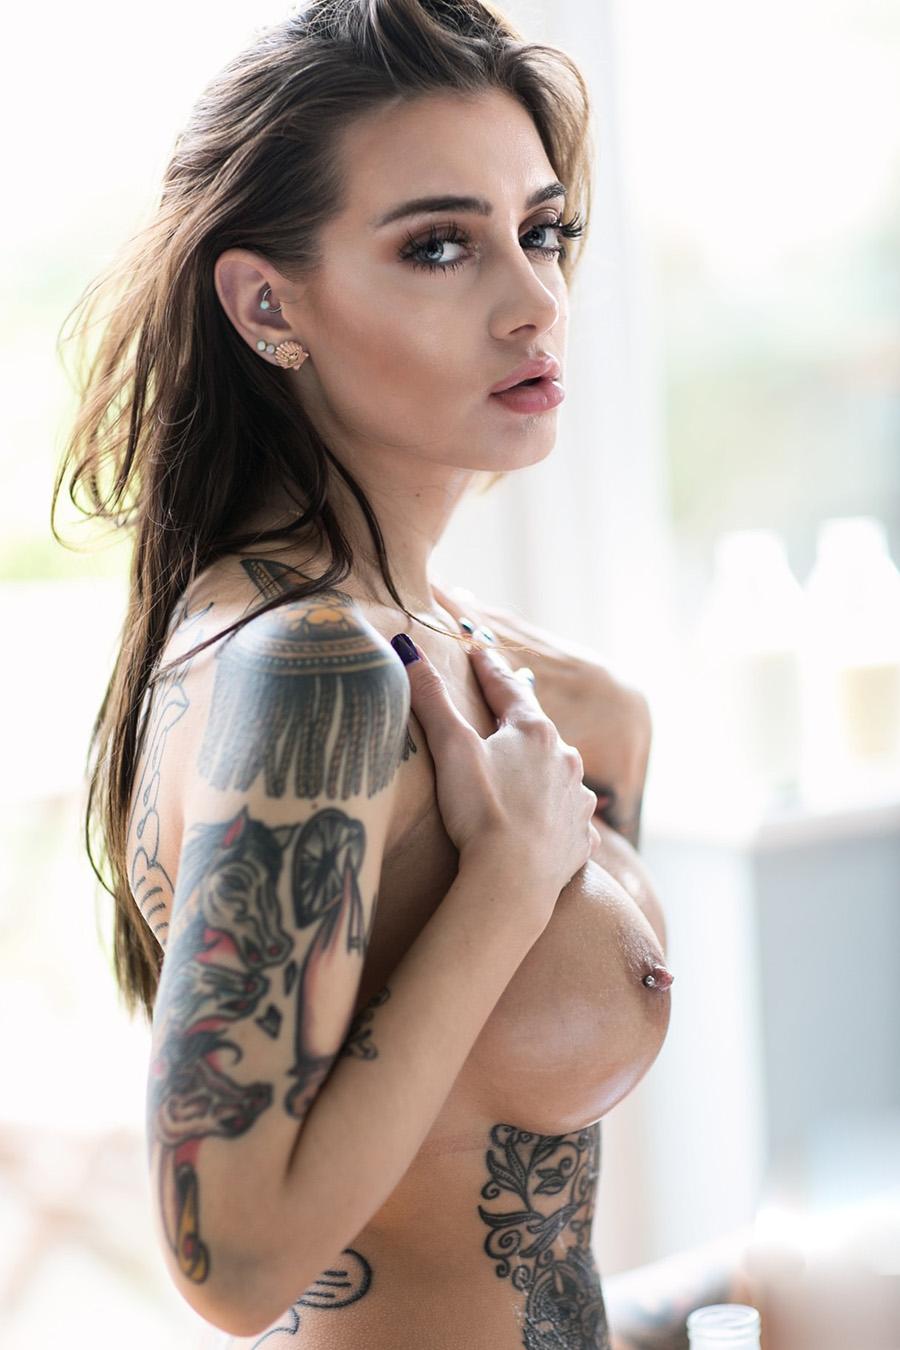 fotos de Mulheres gostosas tatuadas